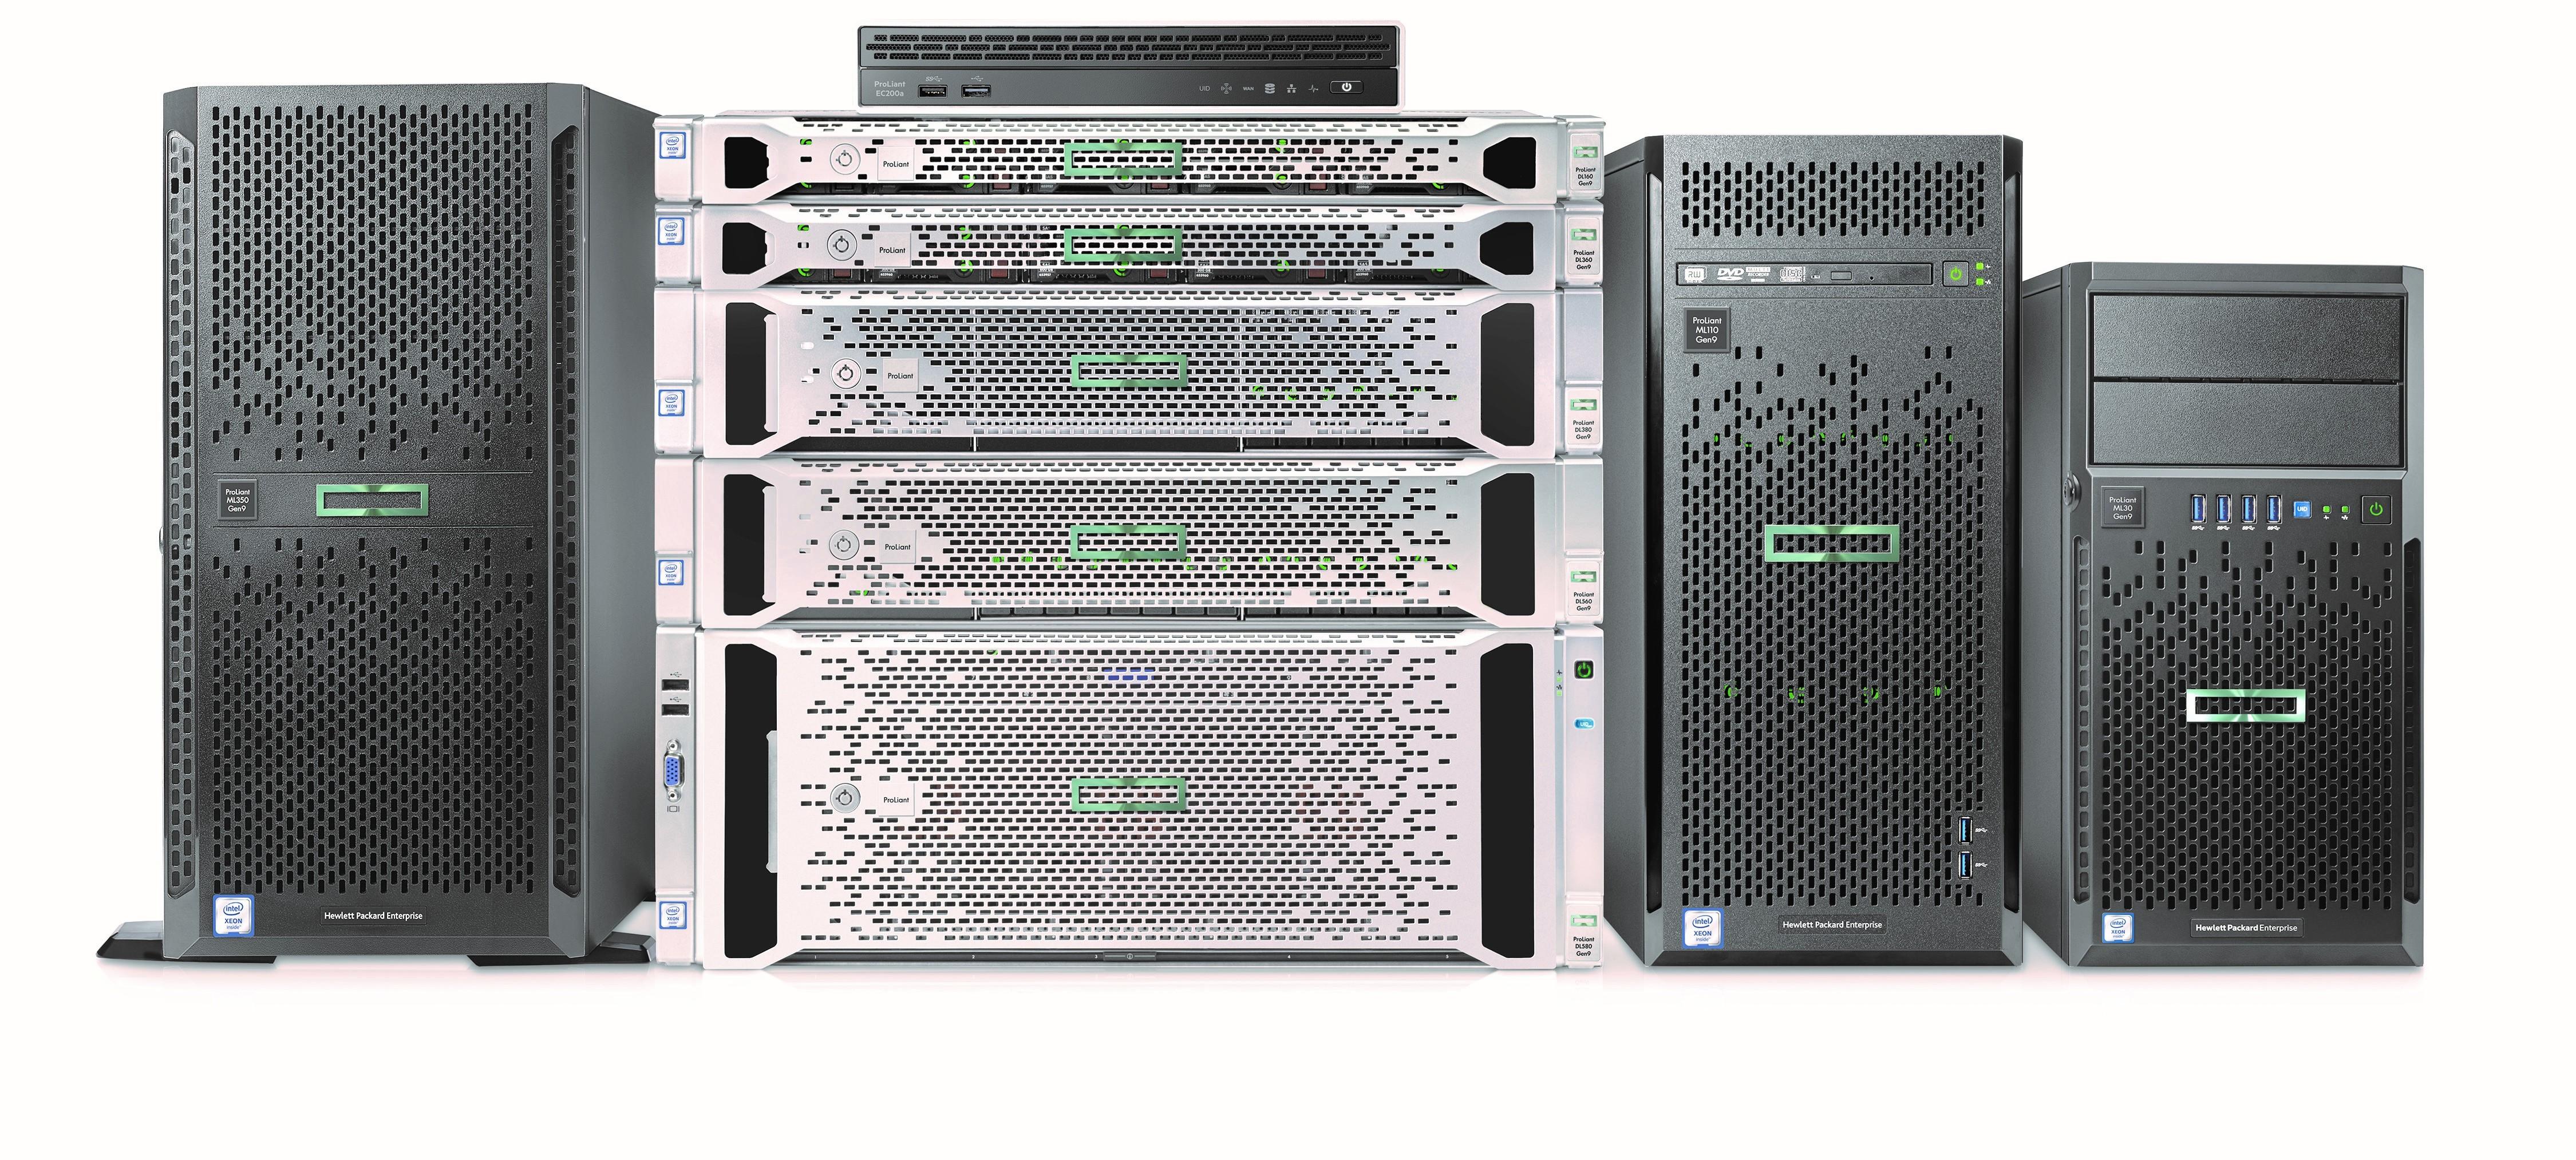 惠普服务器大全|惠普服务器报价|hp服务器官网代理商